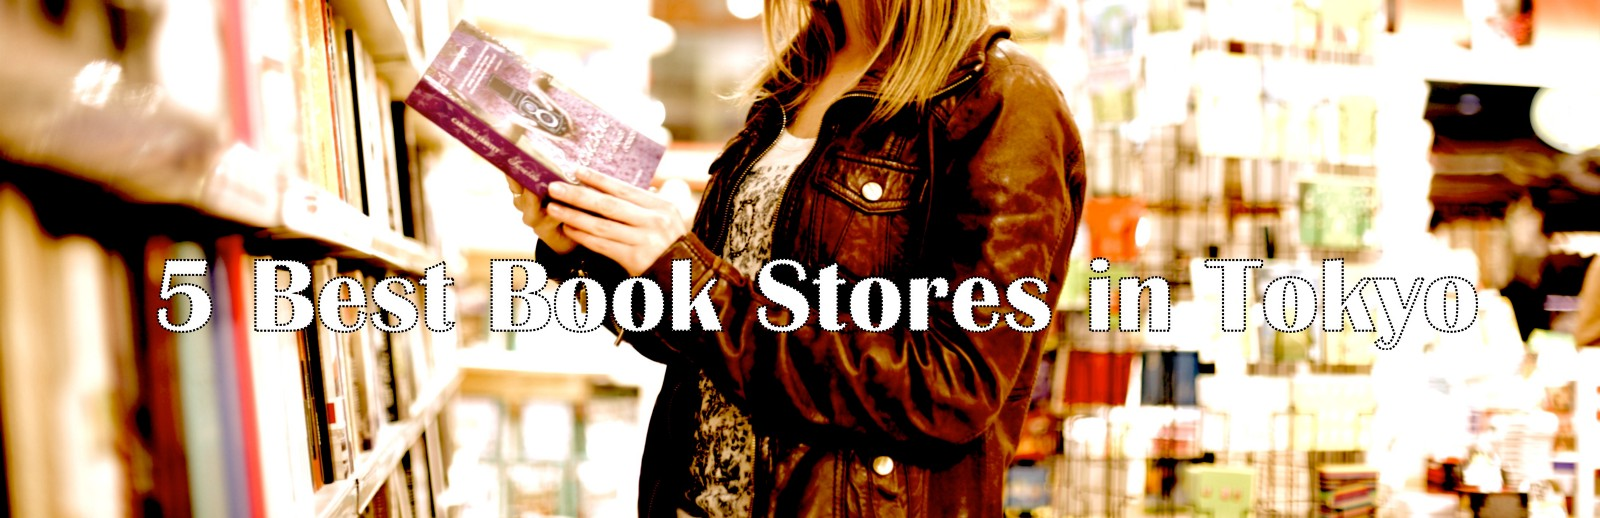 5 Best Bookstores in Tokyo